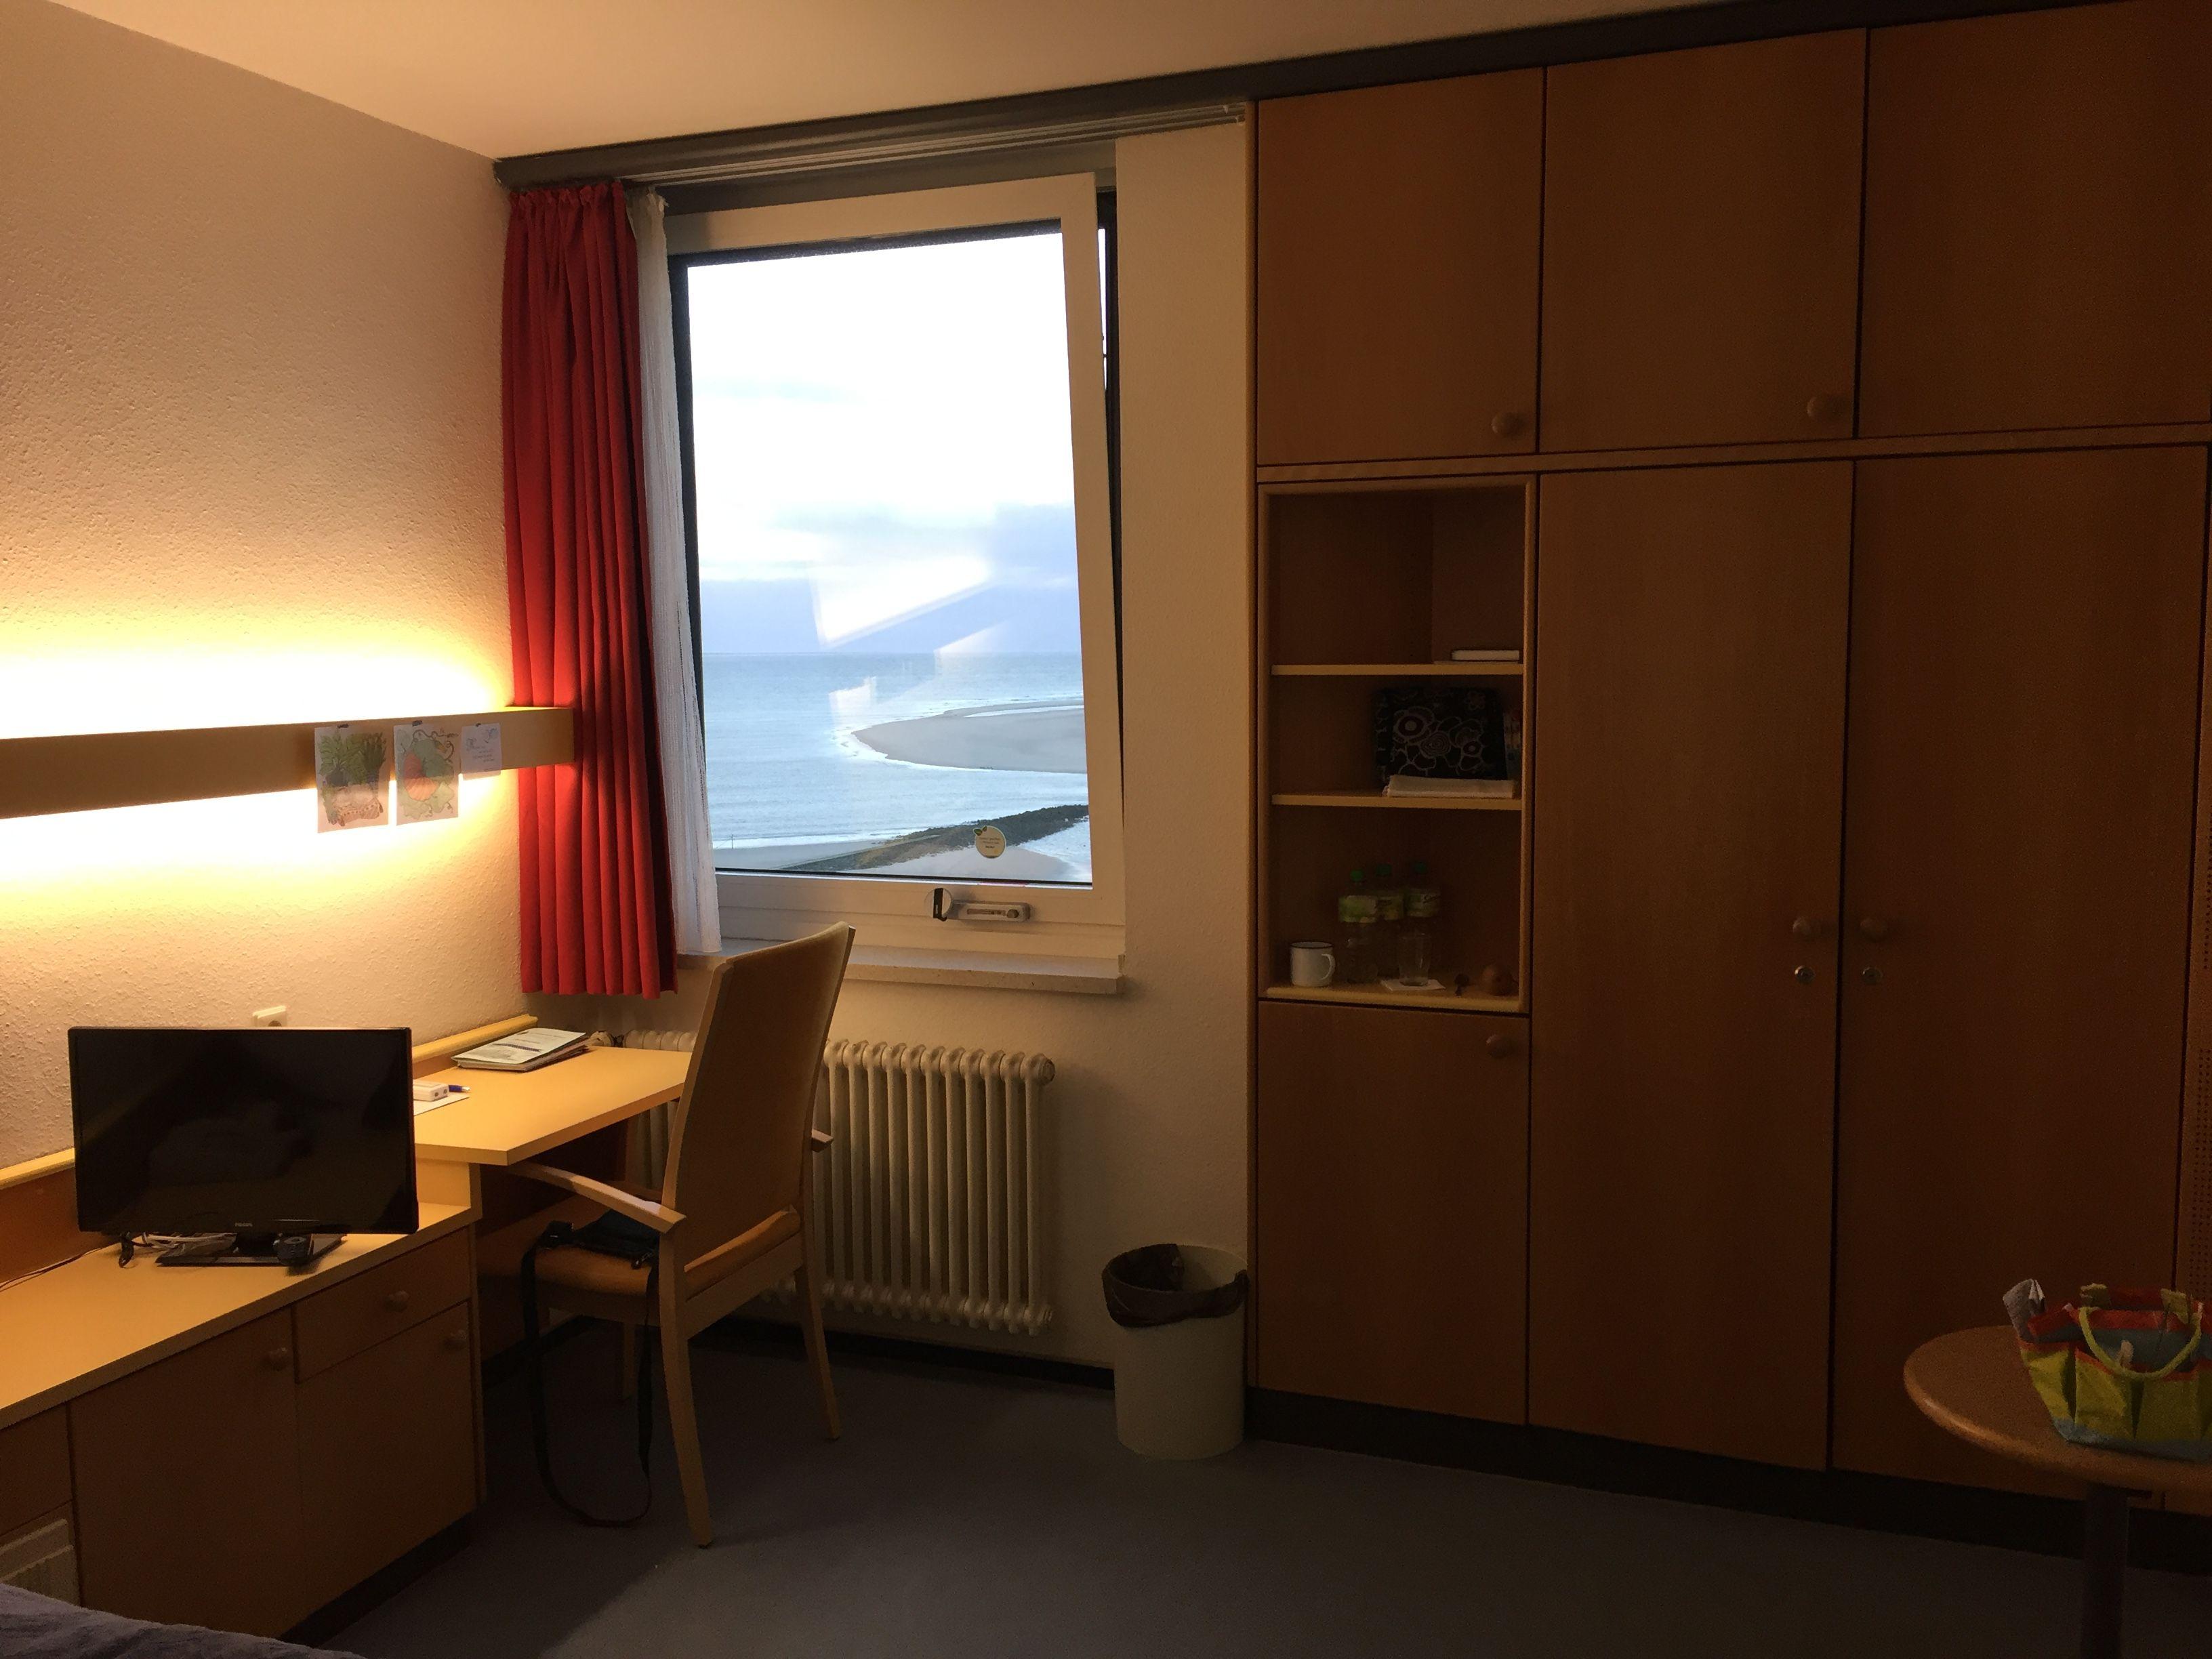 Zimmer in der Nordseeklinik | Borkum | Pinterest